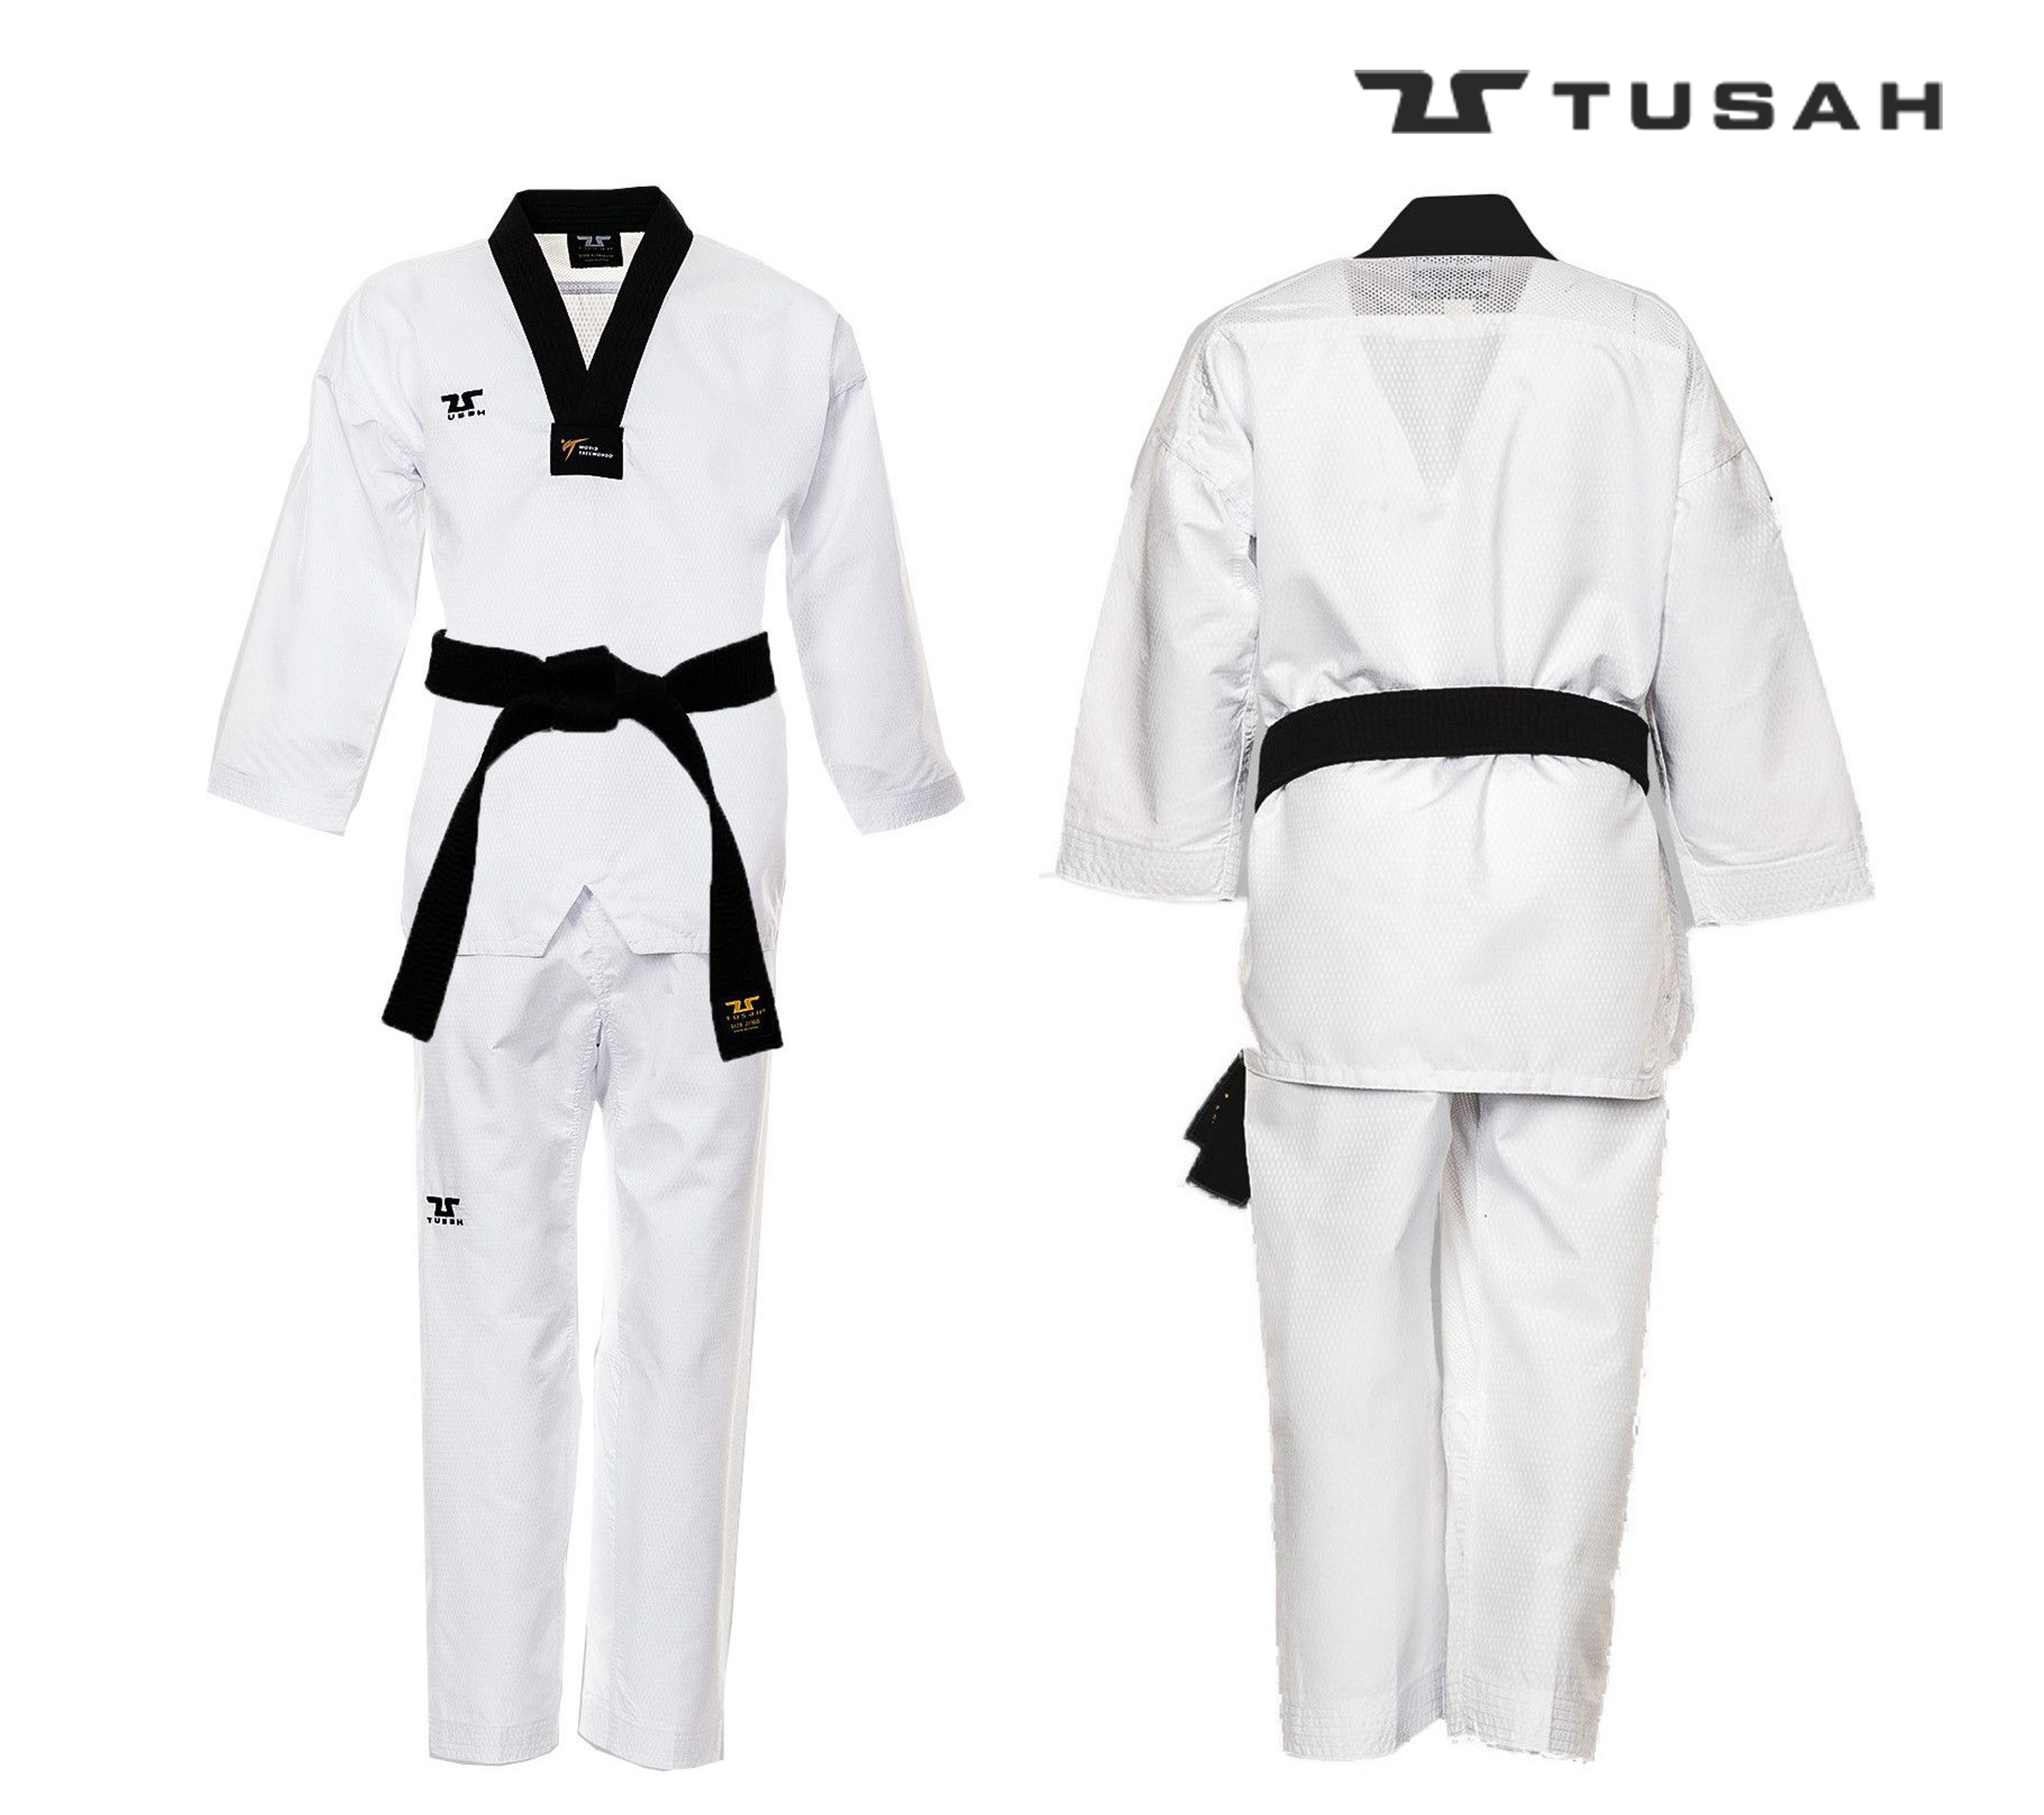 World Taekwondo Black Collar Fighter UniformWorld Taekwondo Black Collar Fighter Uniform